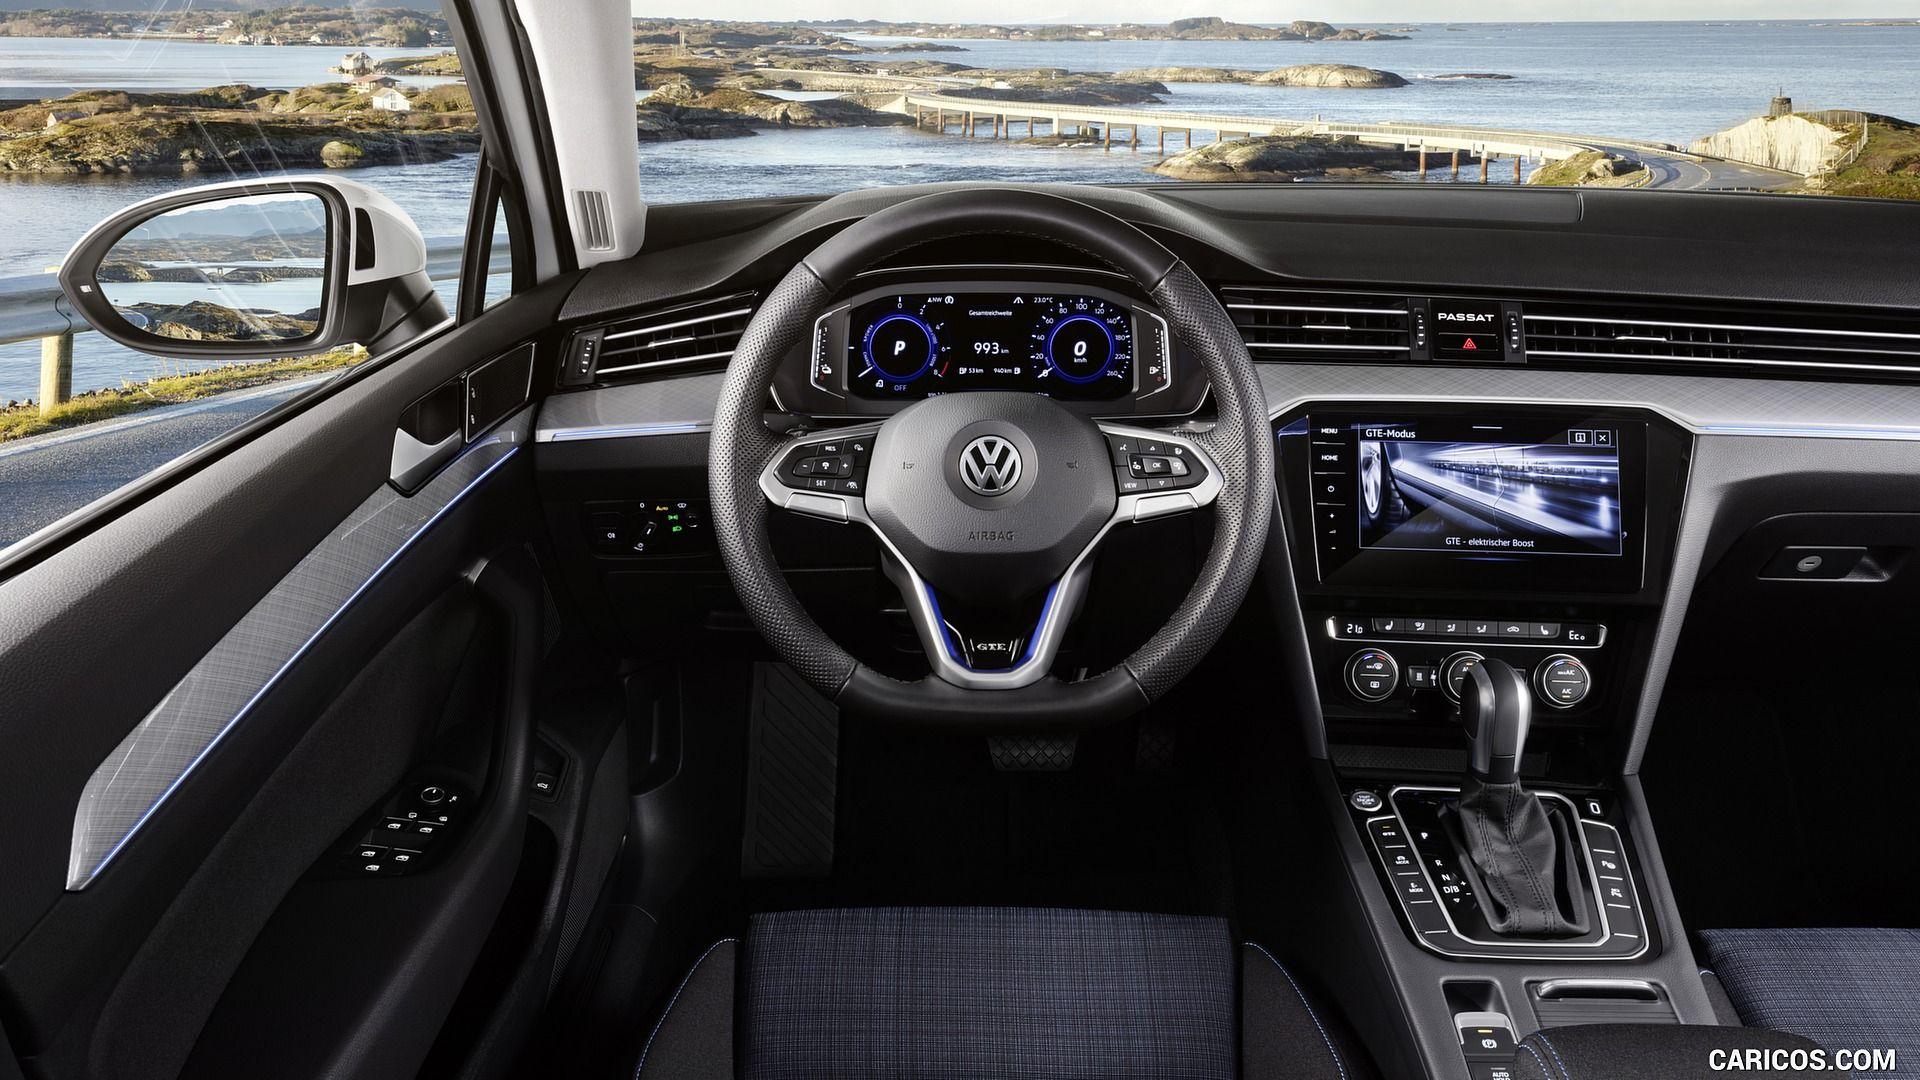 2020 Volkswagen Passat Gte Eu Spec Vw Passat Volkswagen Interior Volkswagen